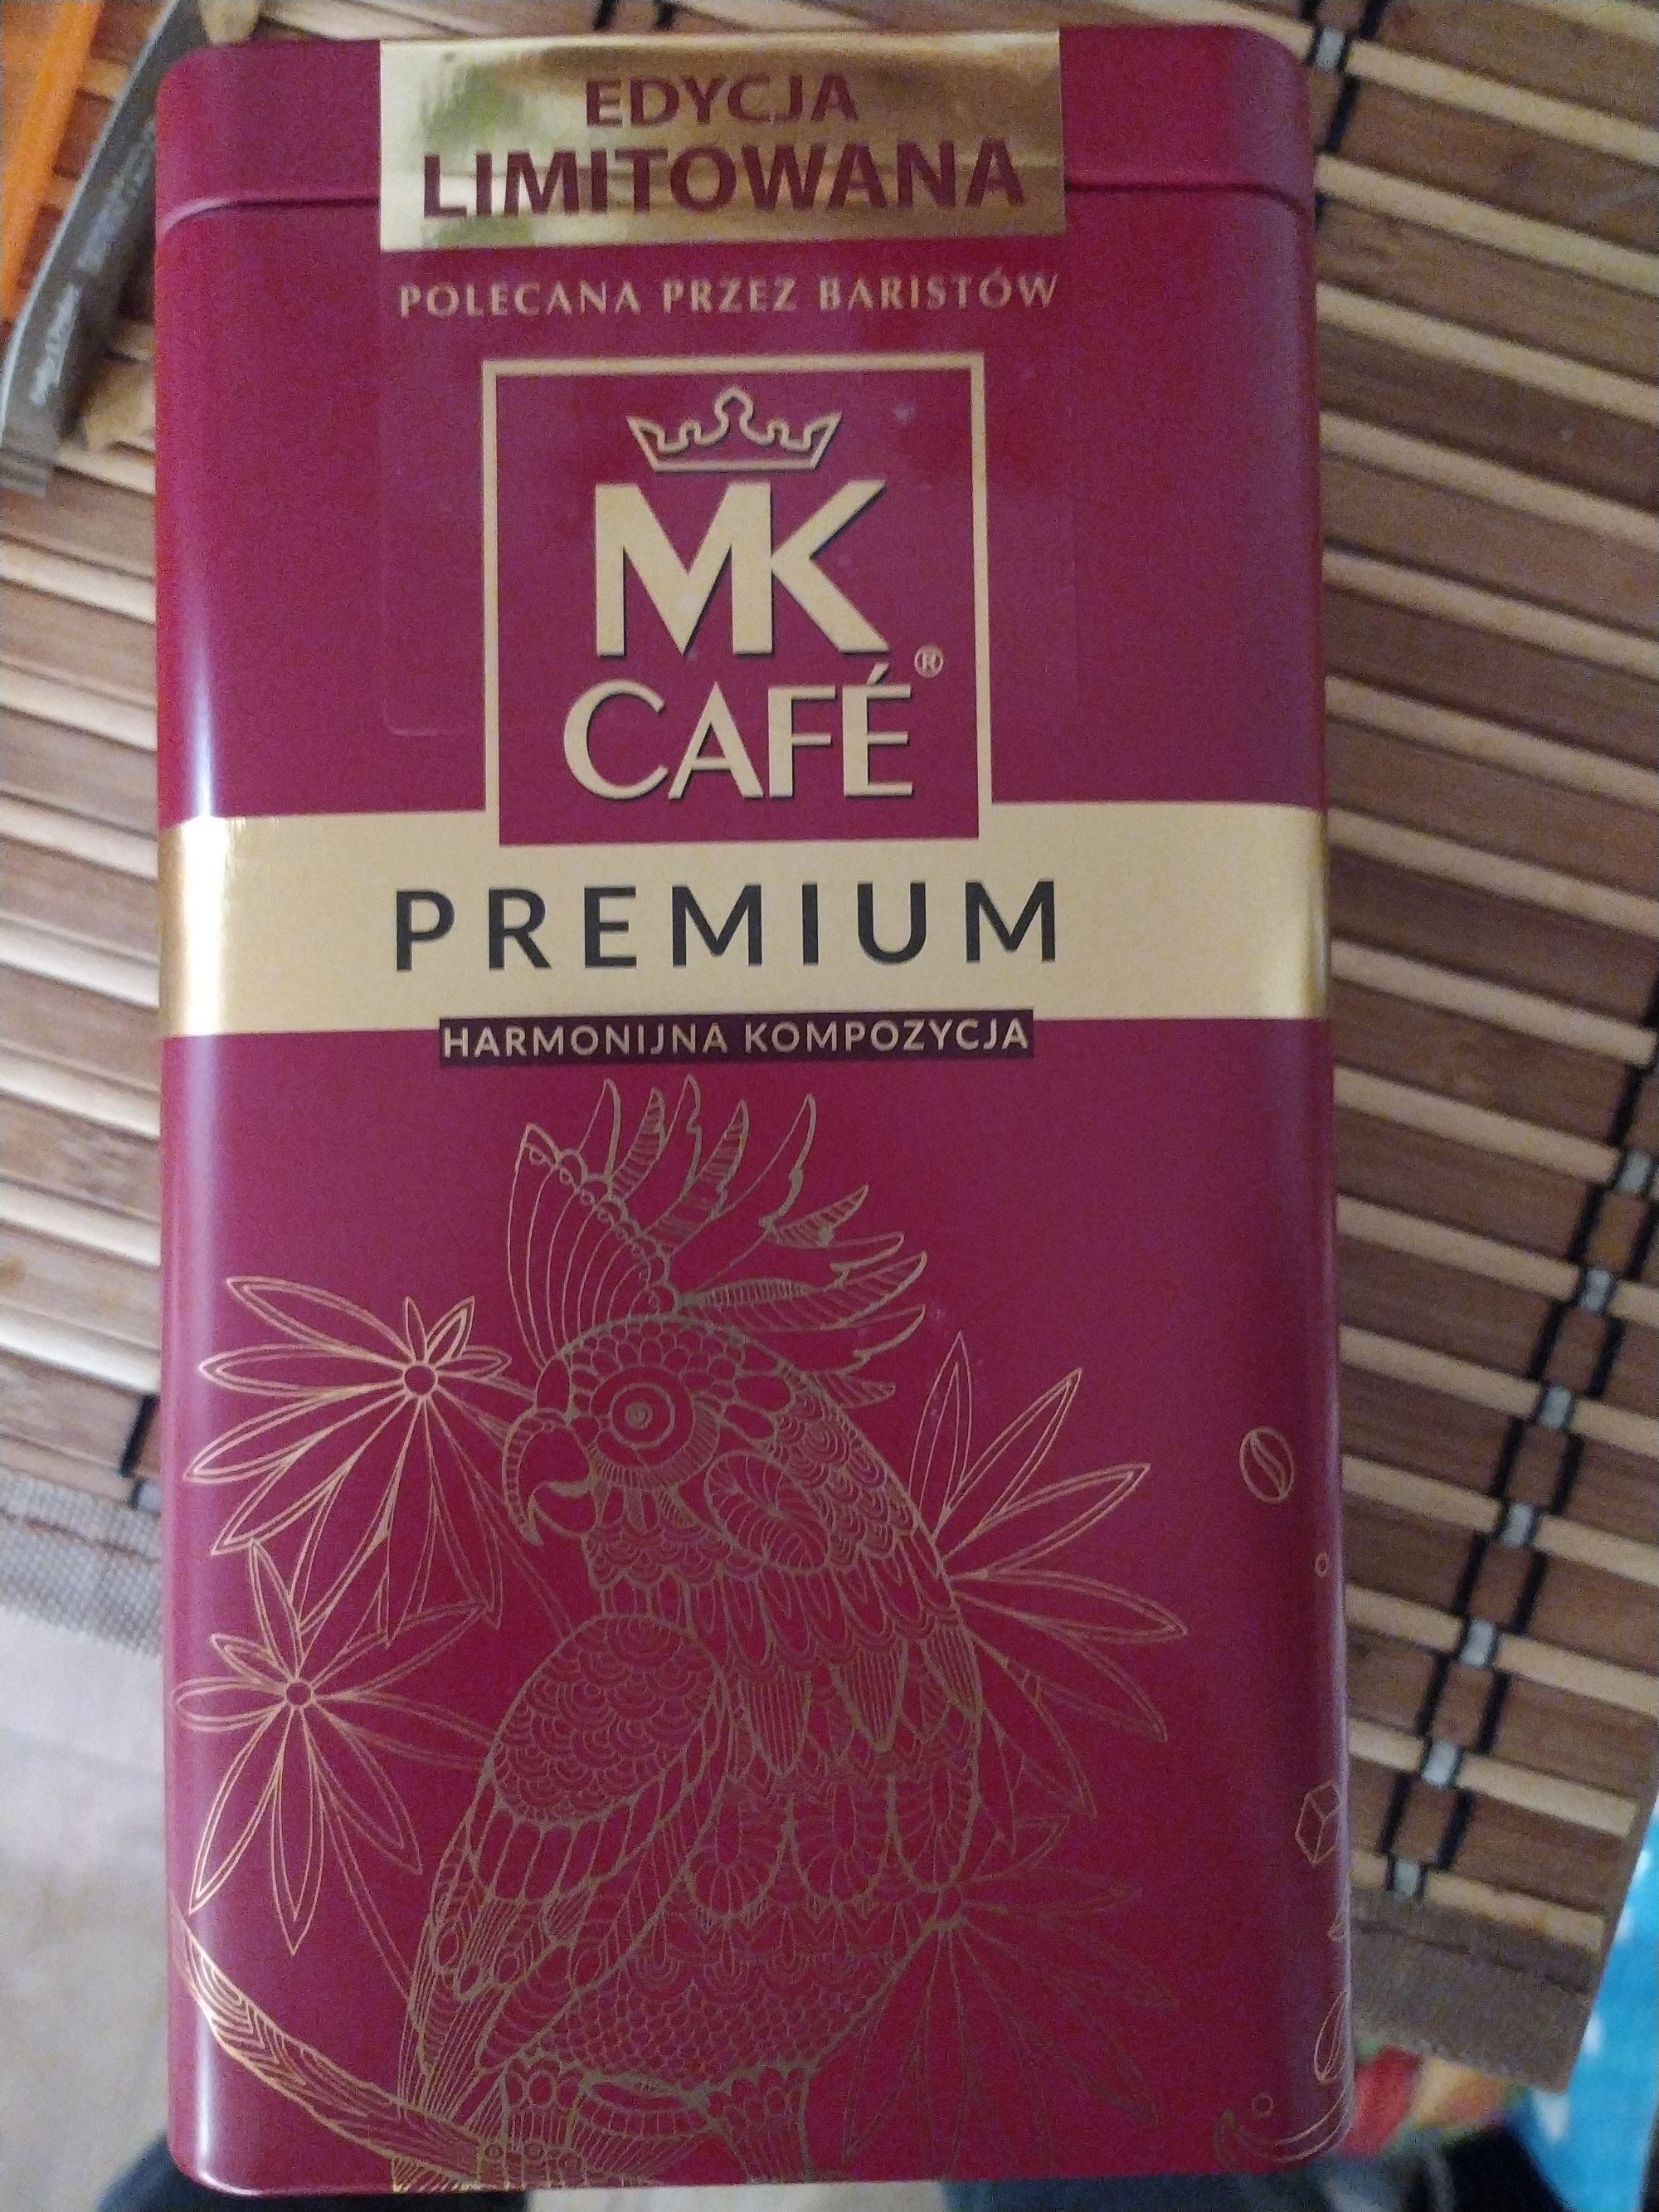 Kawa MK CAFE PREMIUM w ładnej, czerwonej puszce